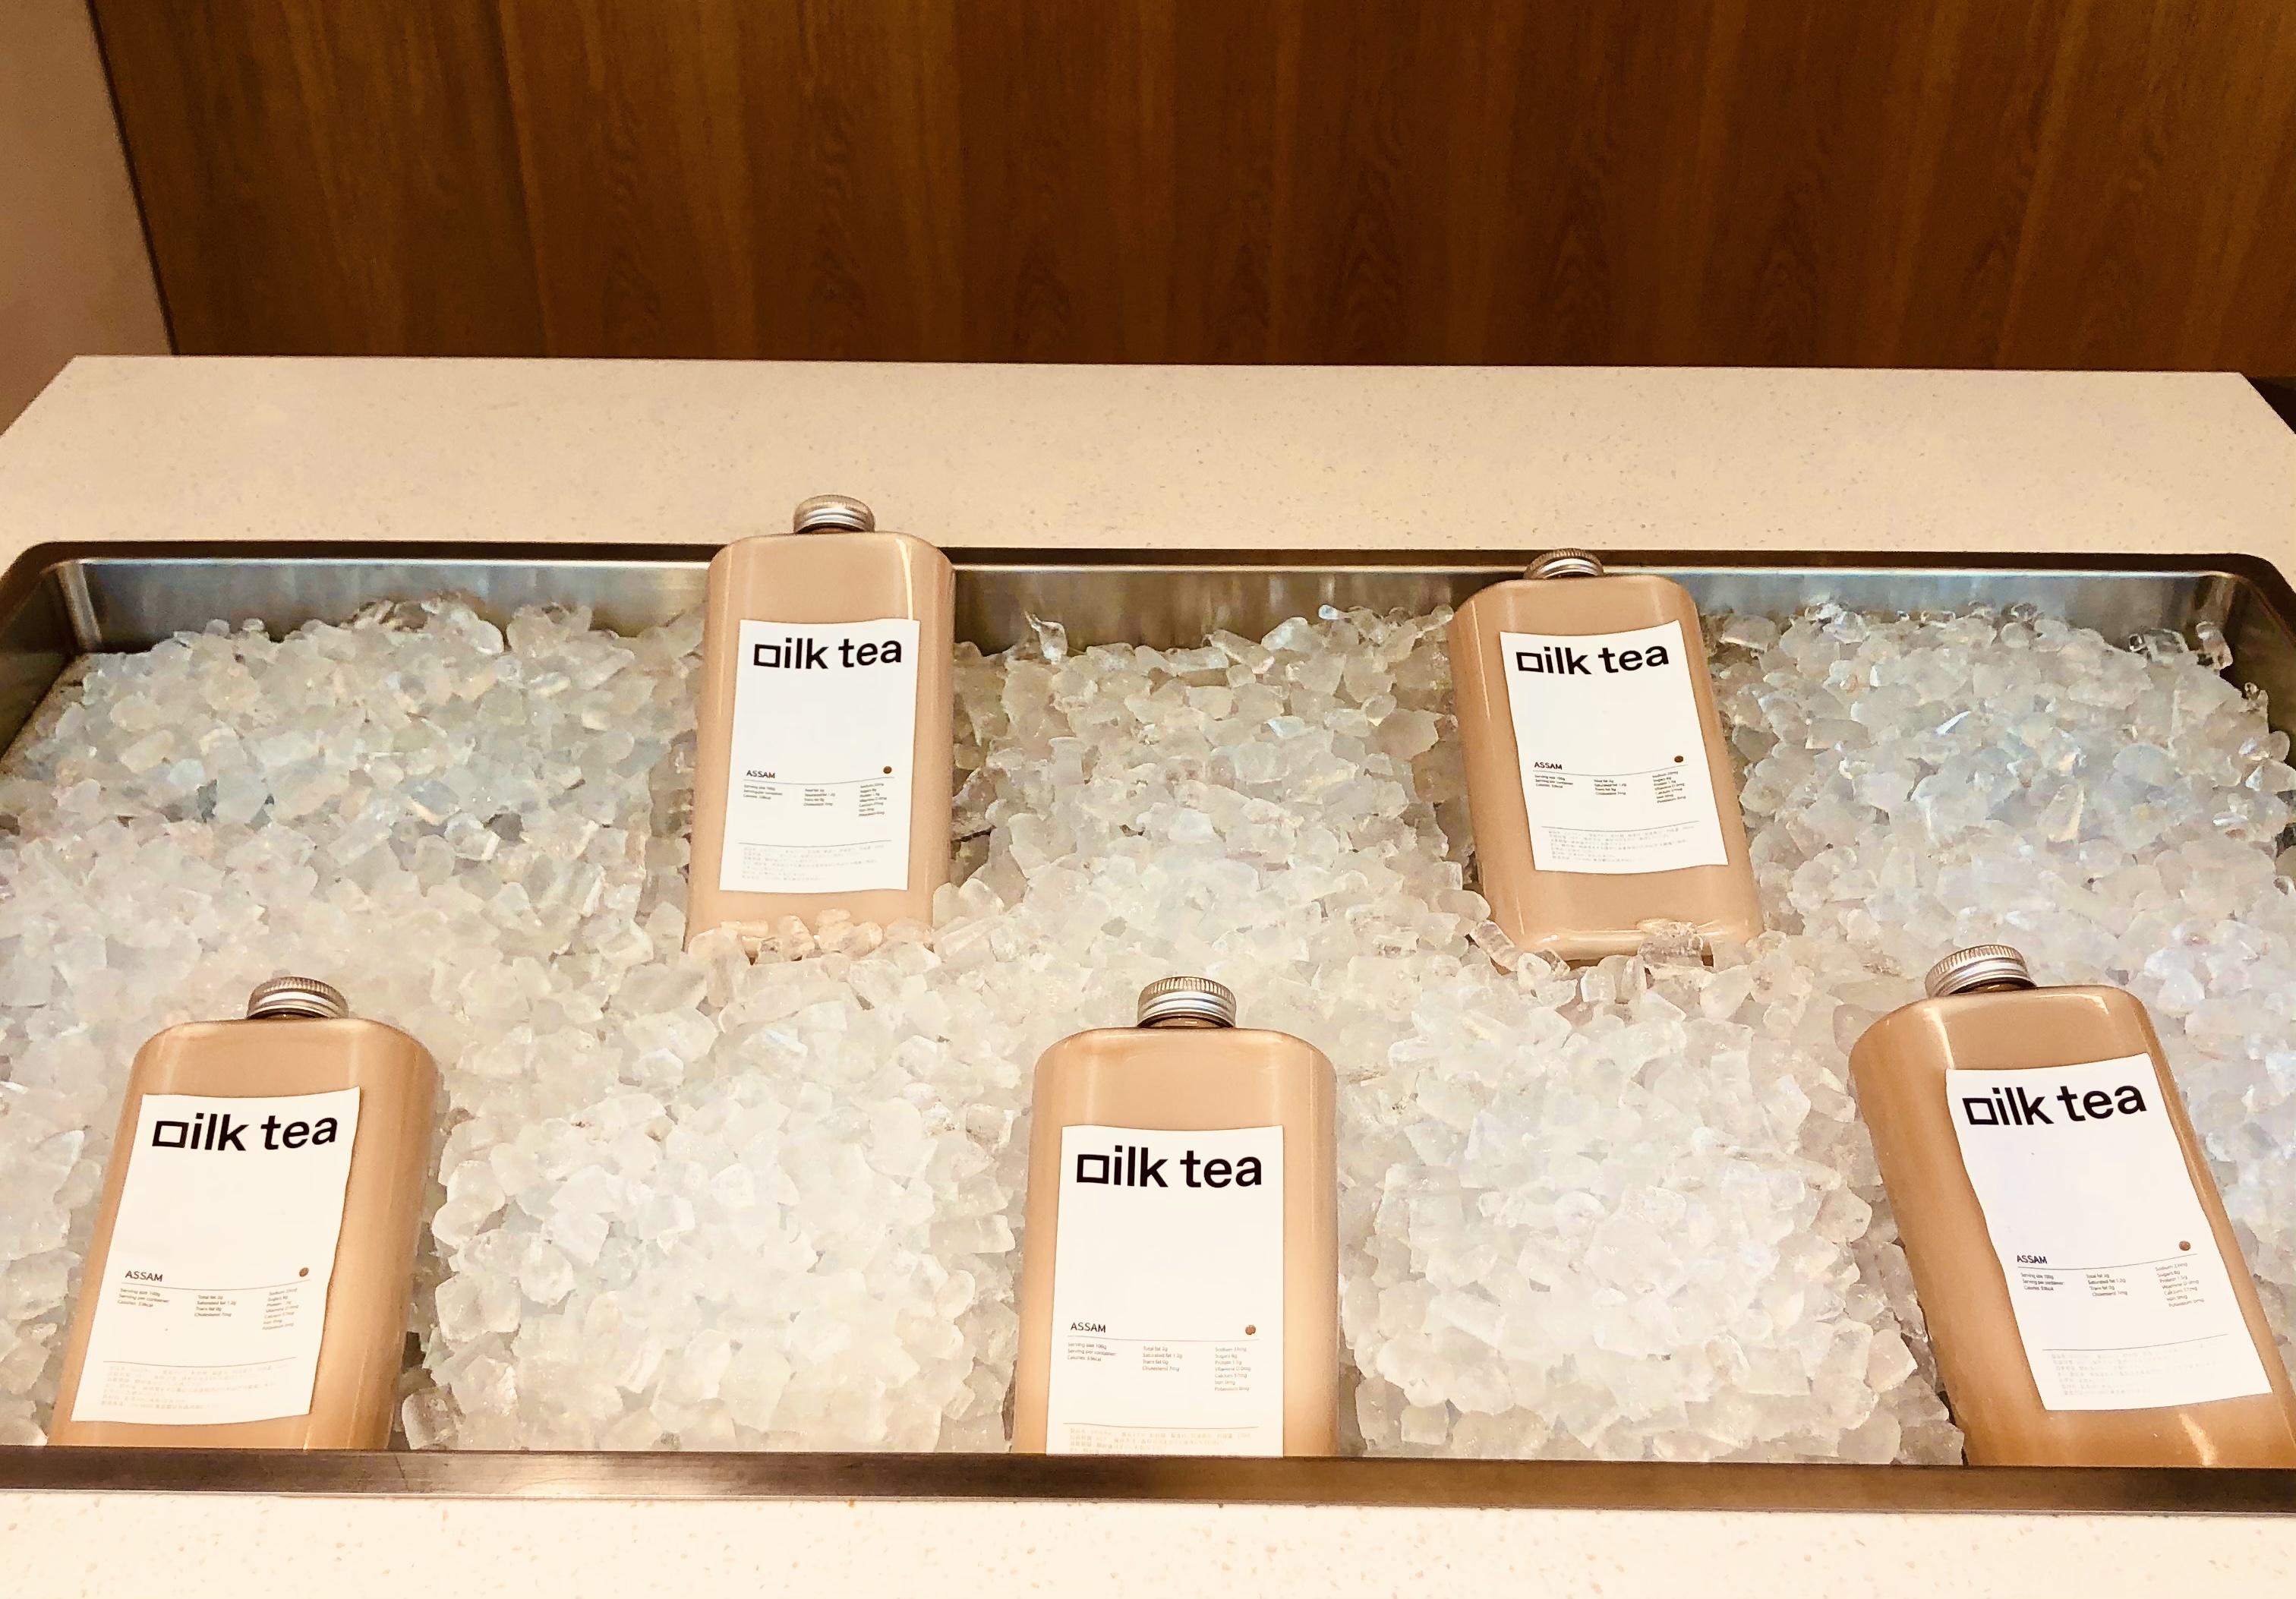 【韓国カフェ】新大久保だけじゃない!本格タルゴナミルクティーが飲めるカフェが表参道に上陸_3